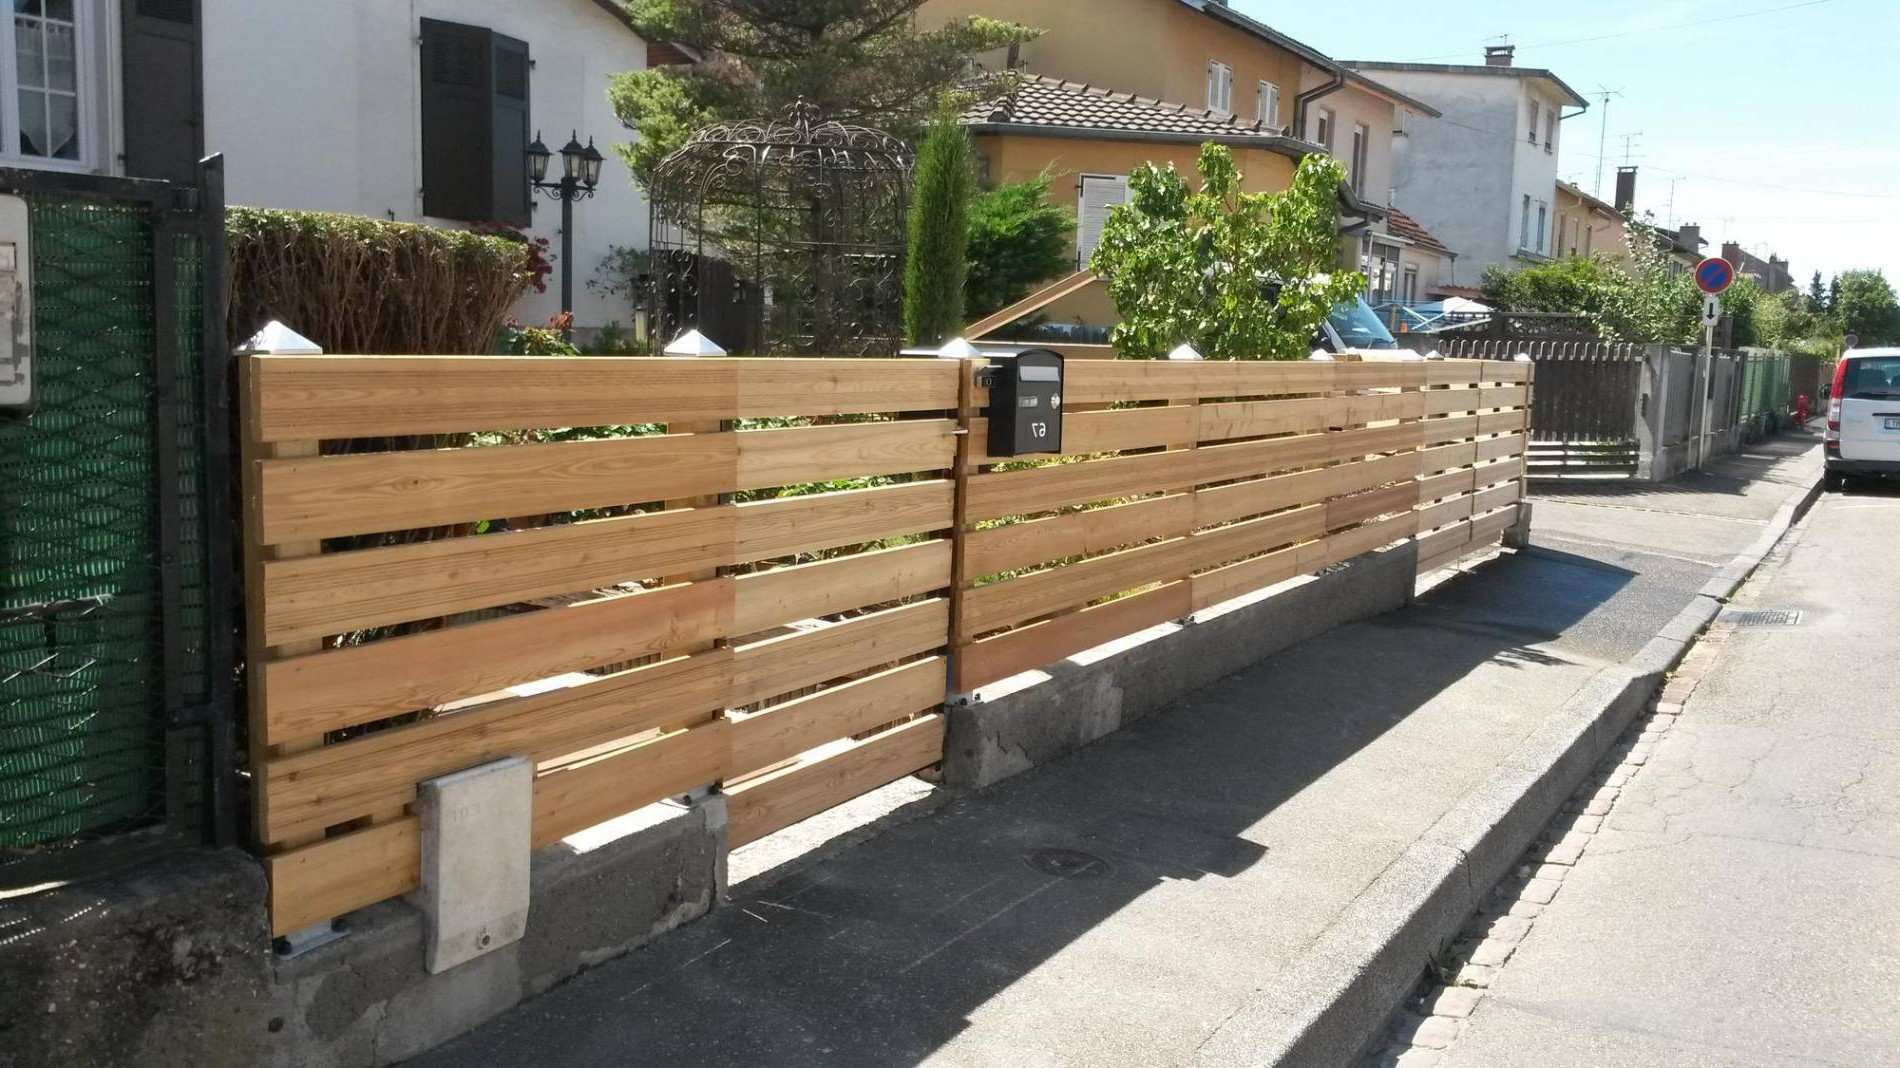 Grillage Pour Garde Manger Castorama Élégant Photos Bois Pour Balcon Armoire De Jardin Bois Vertigo Naturelle L X H X P